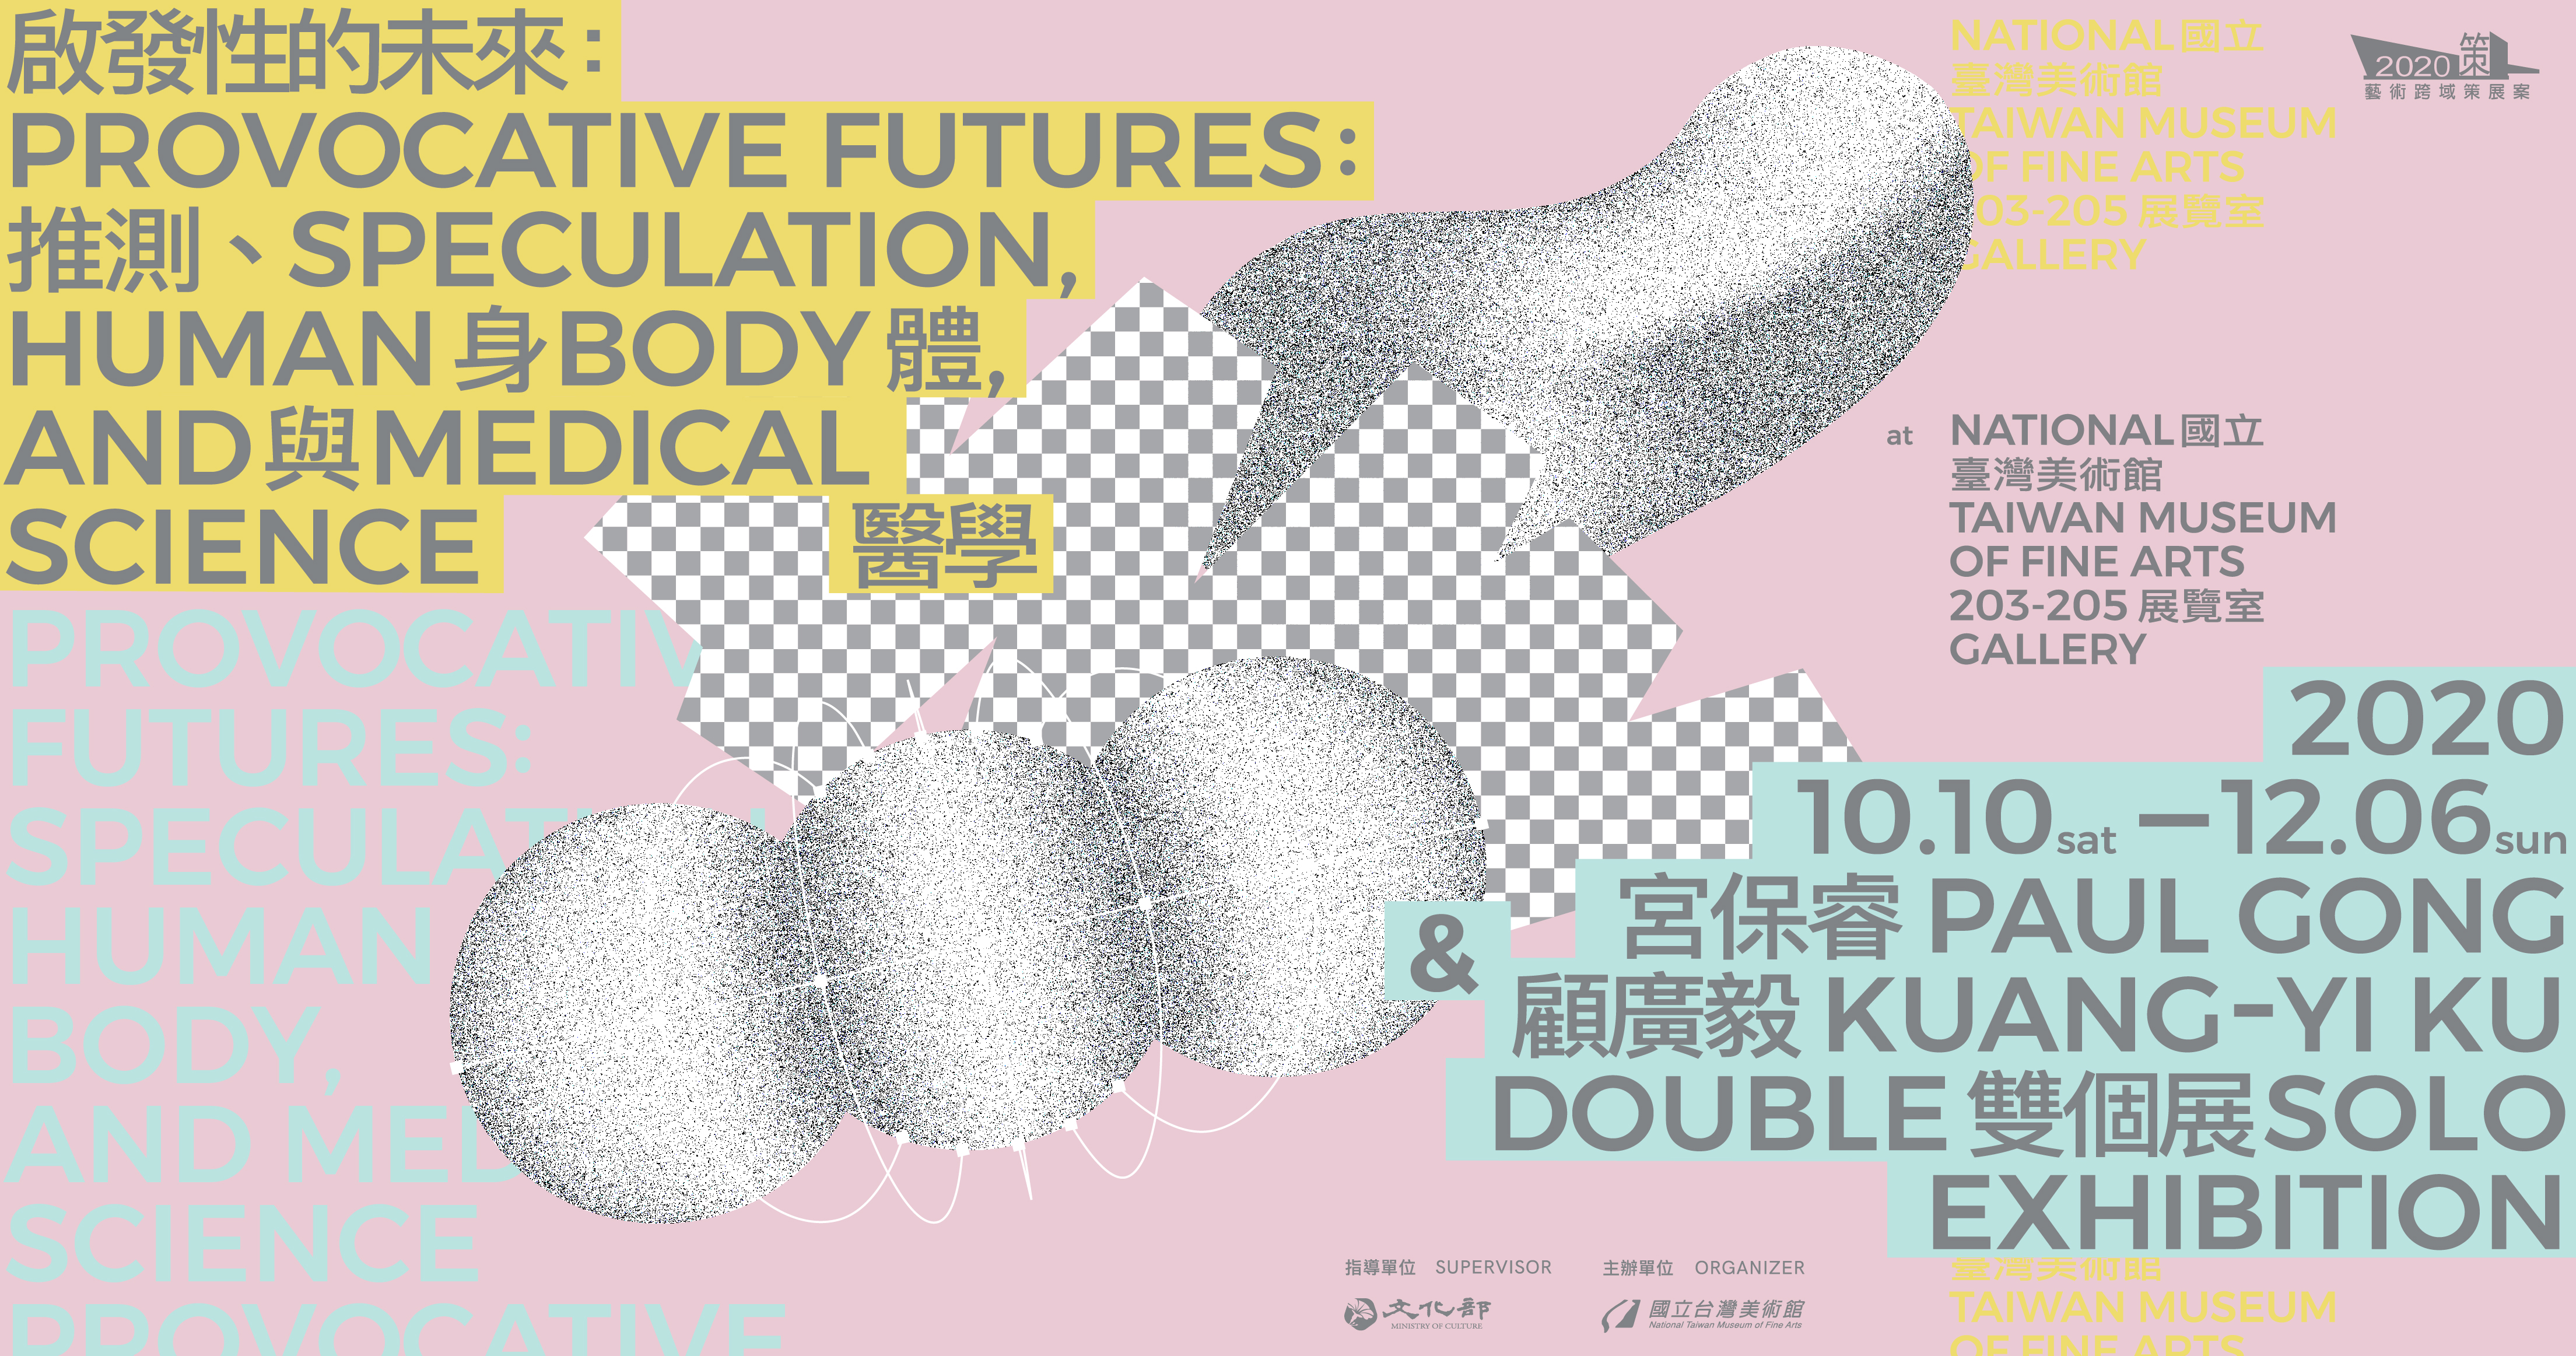 啟發性的未來:推測、身體與醫學 - 宮保睿、顧廣毅雙個展「另開新視窗」